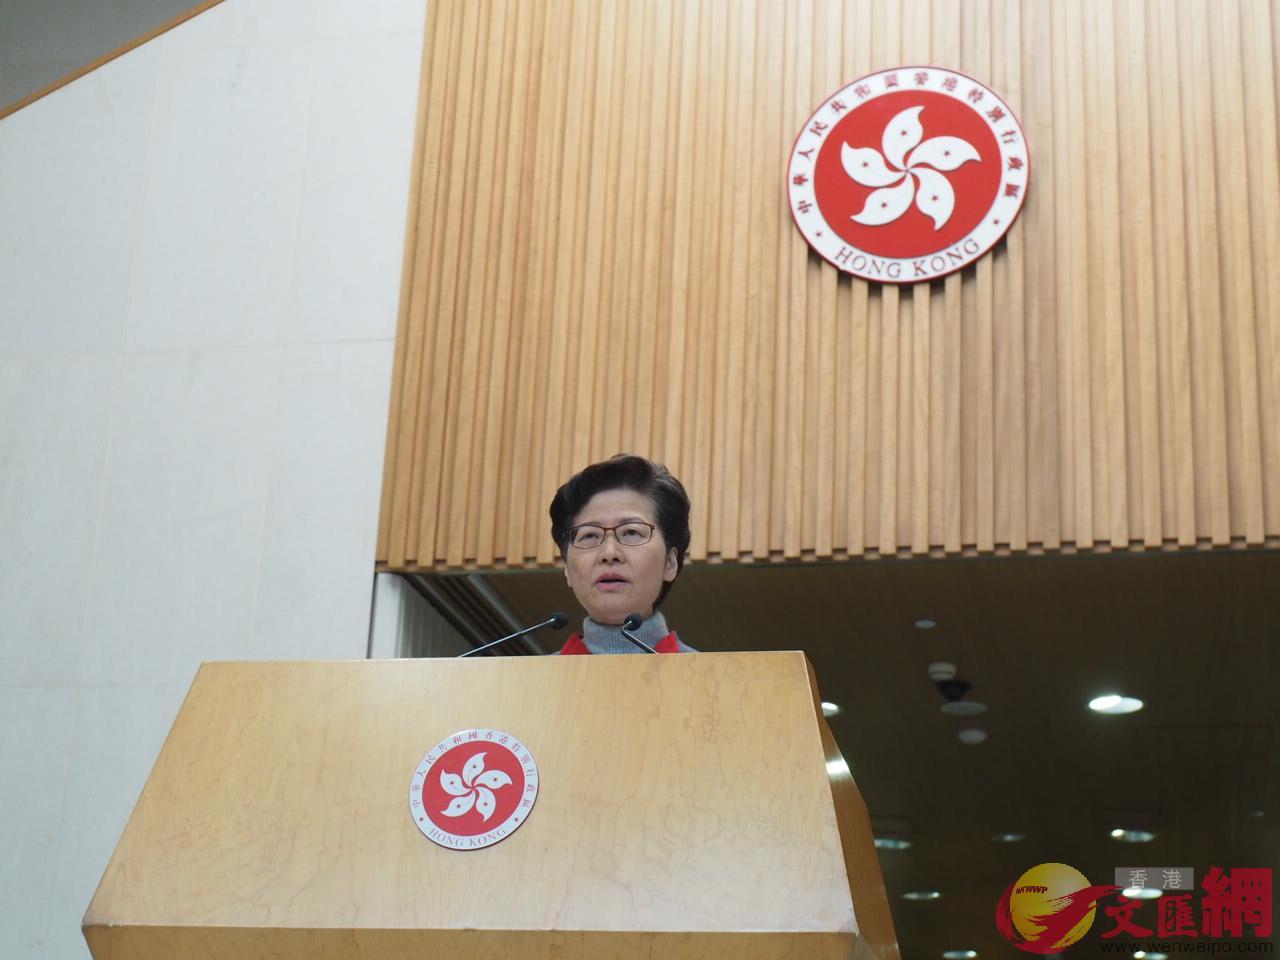 林鄭月娥表示,未有打算改動單程證政策。(大公文匯全媒體記者何燊亮攝)